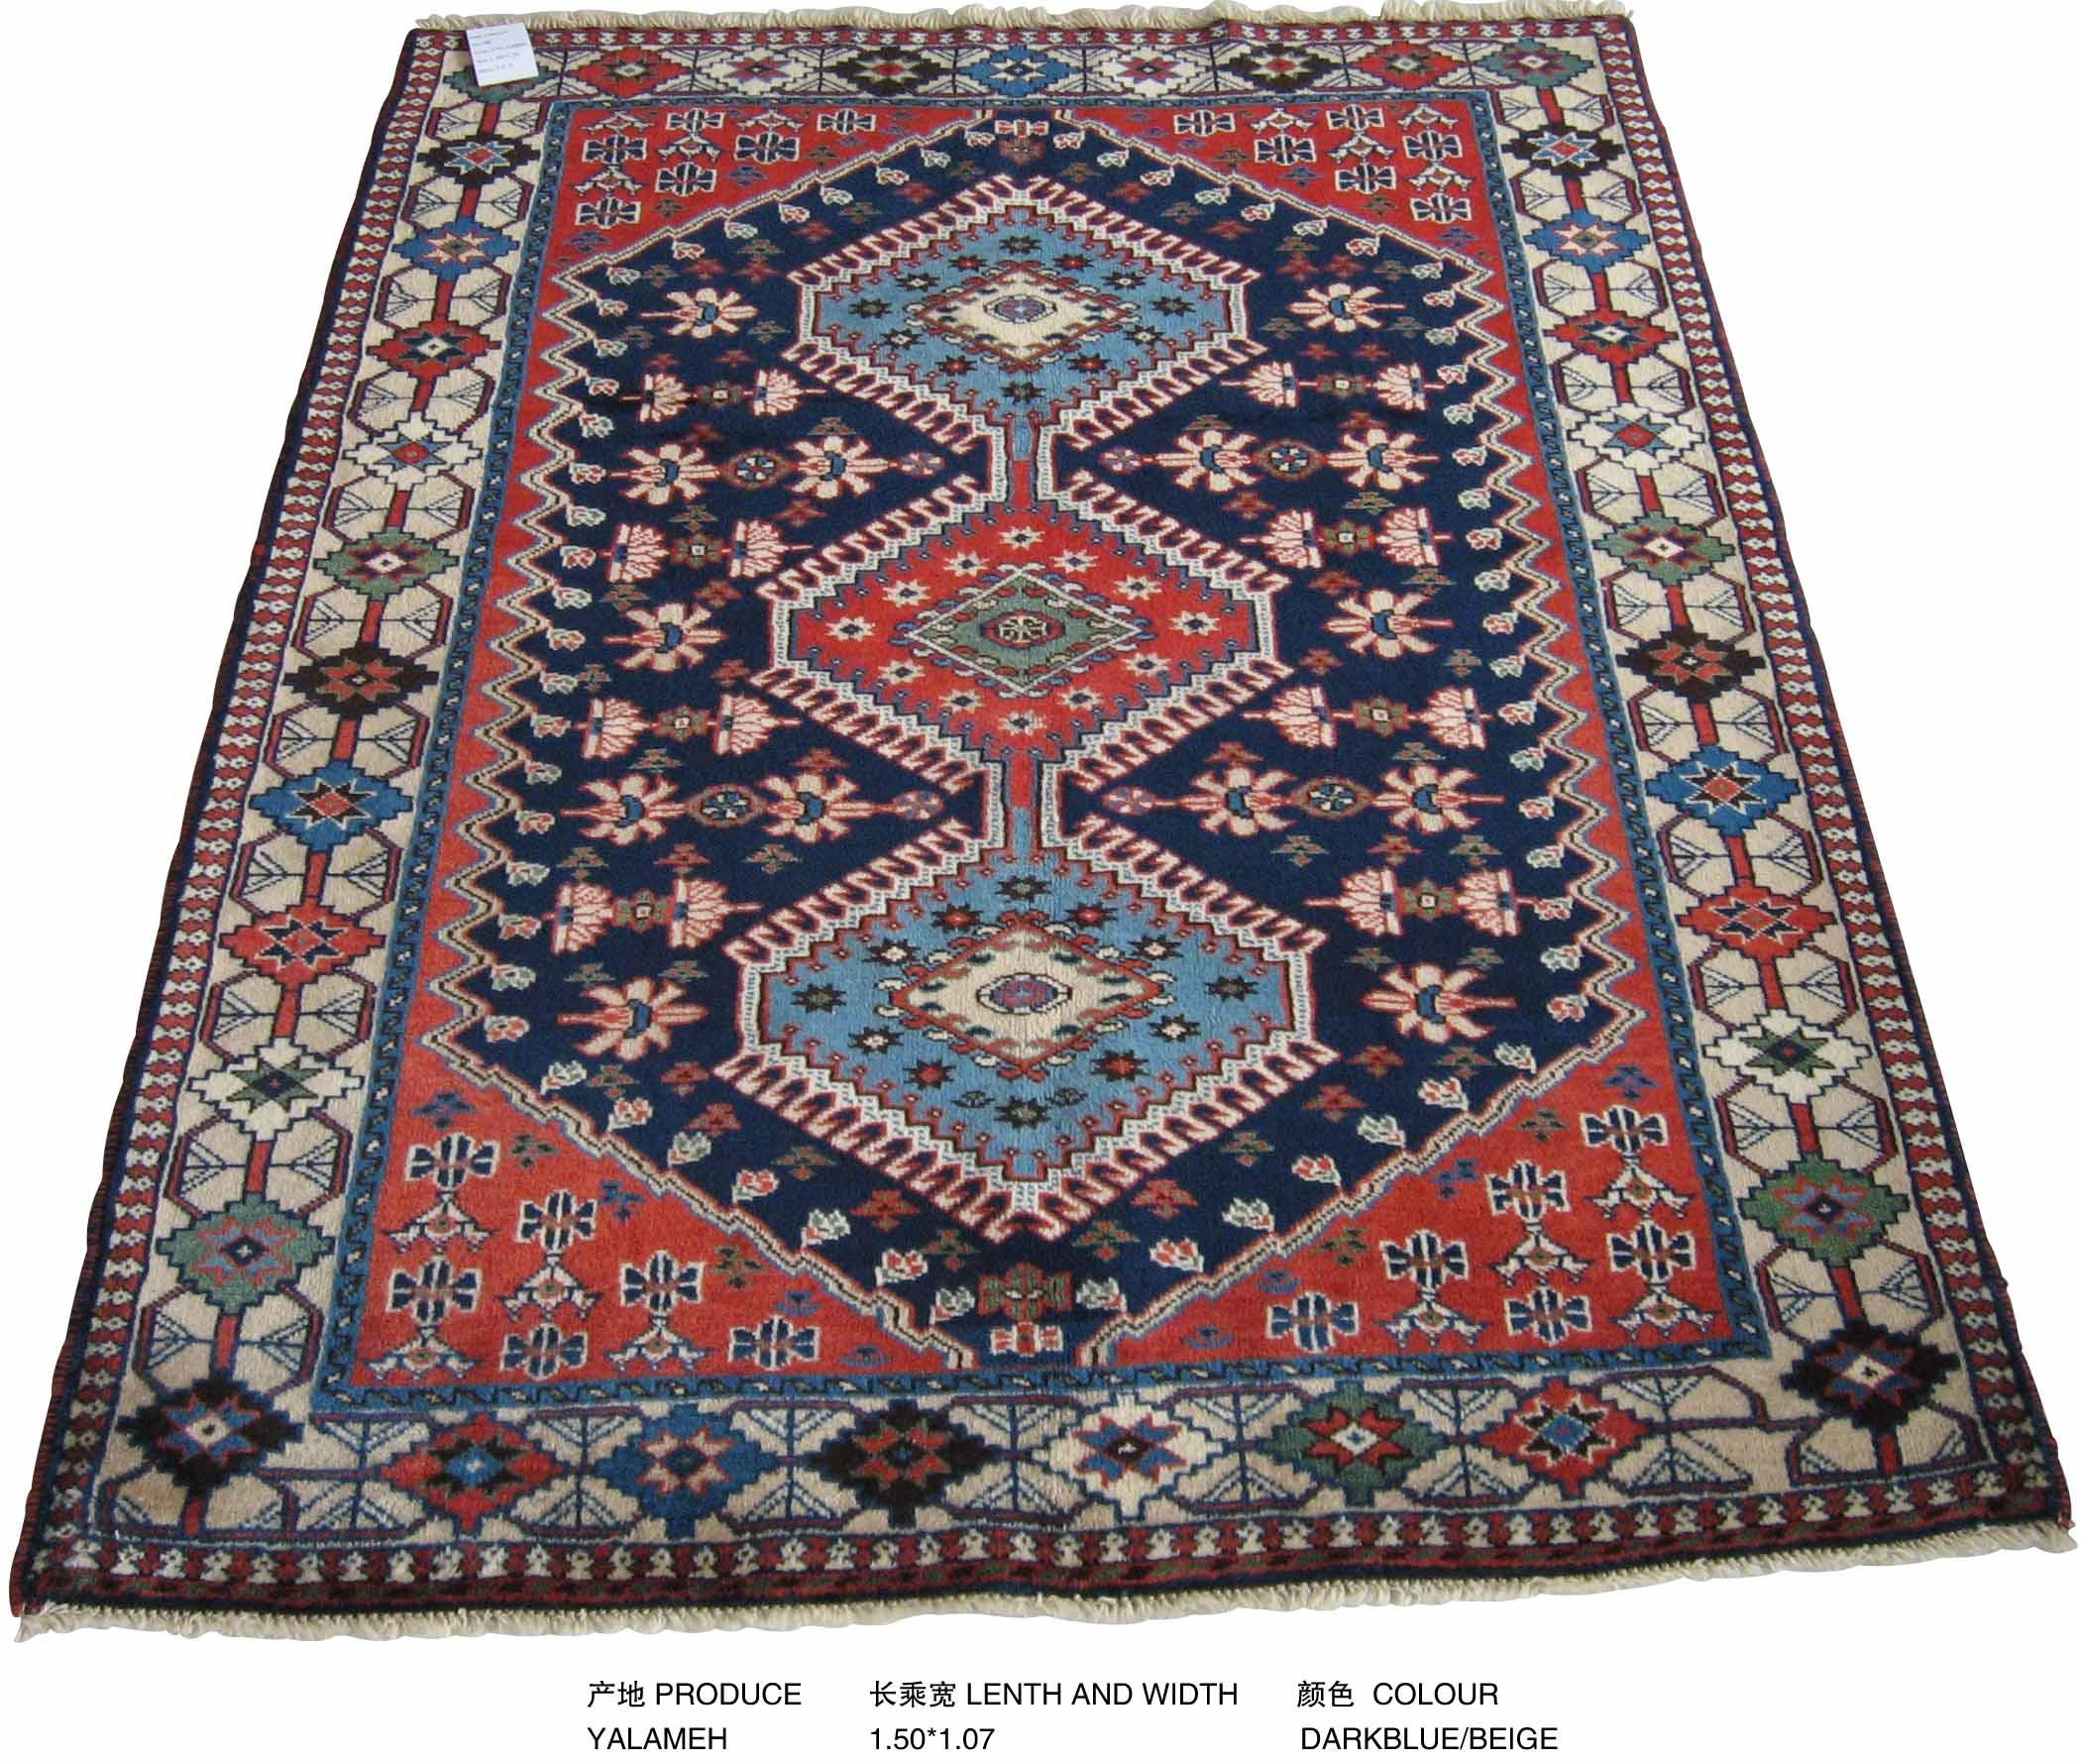 户外图案地毯贴图素材